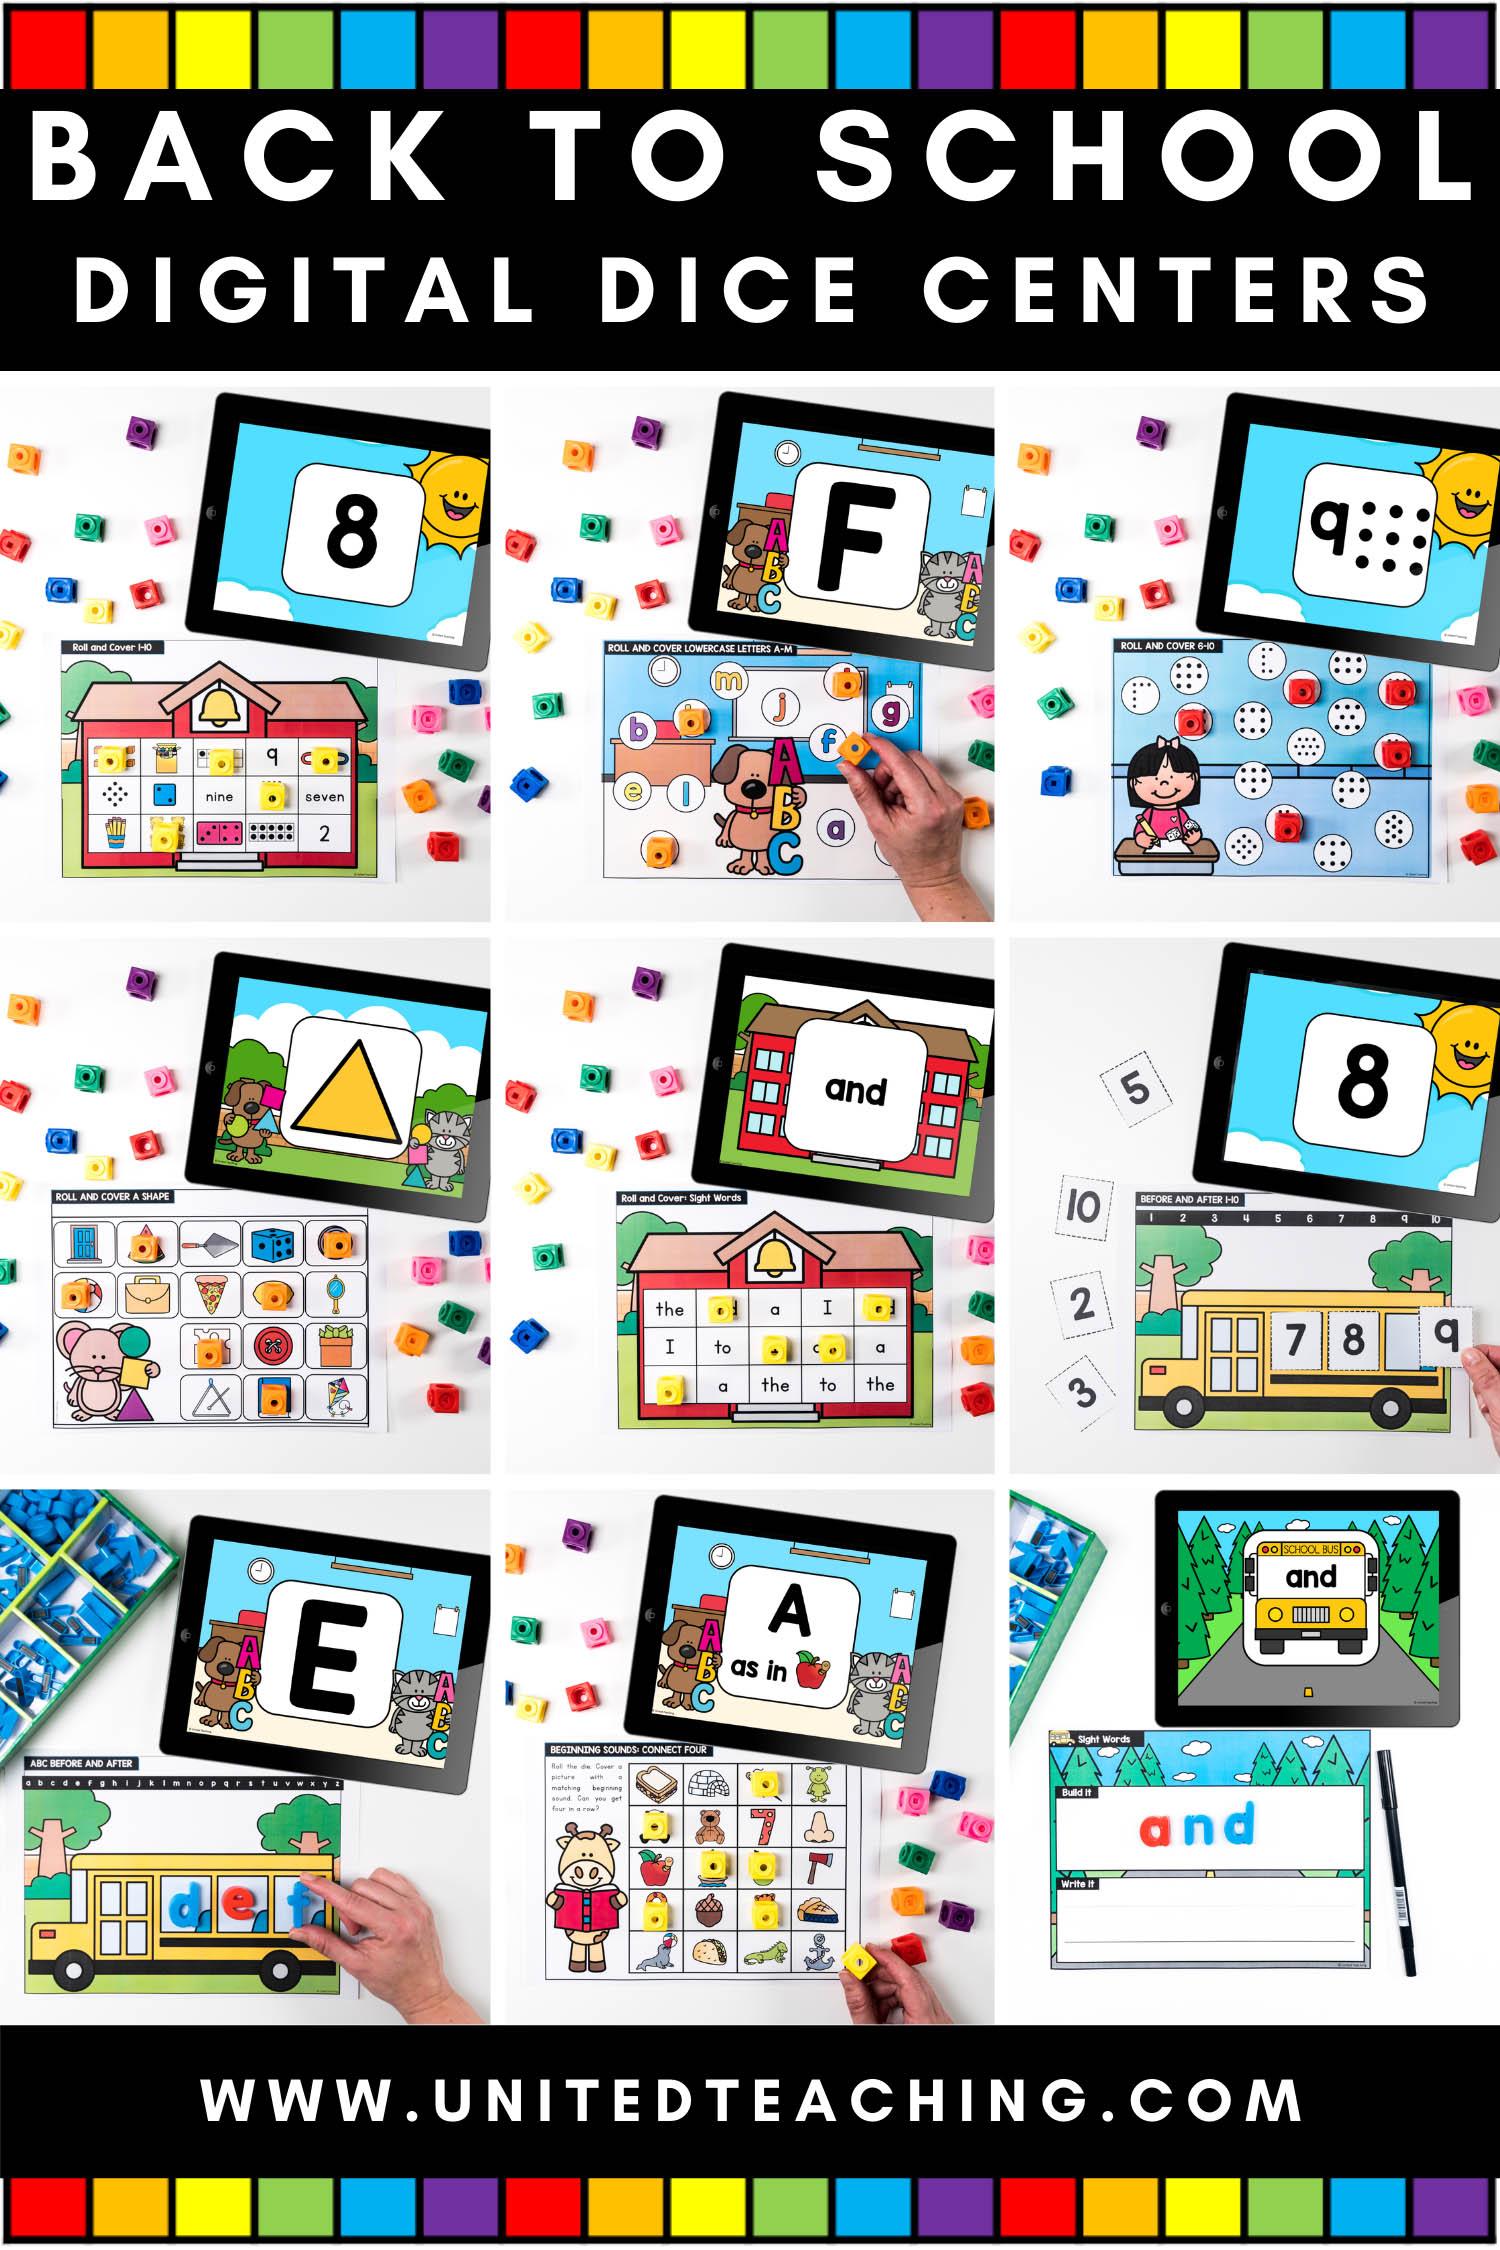 Back to School Digital Dice Centers for Kindergarten